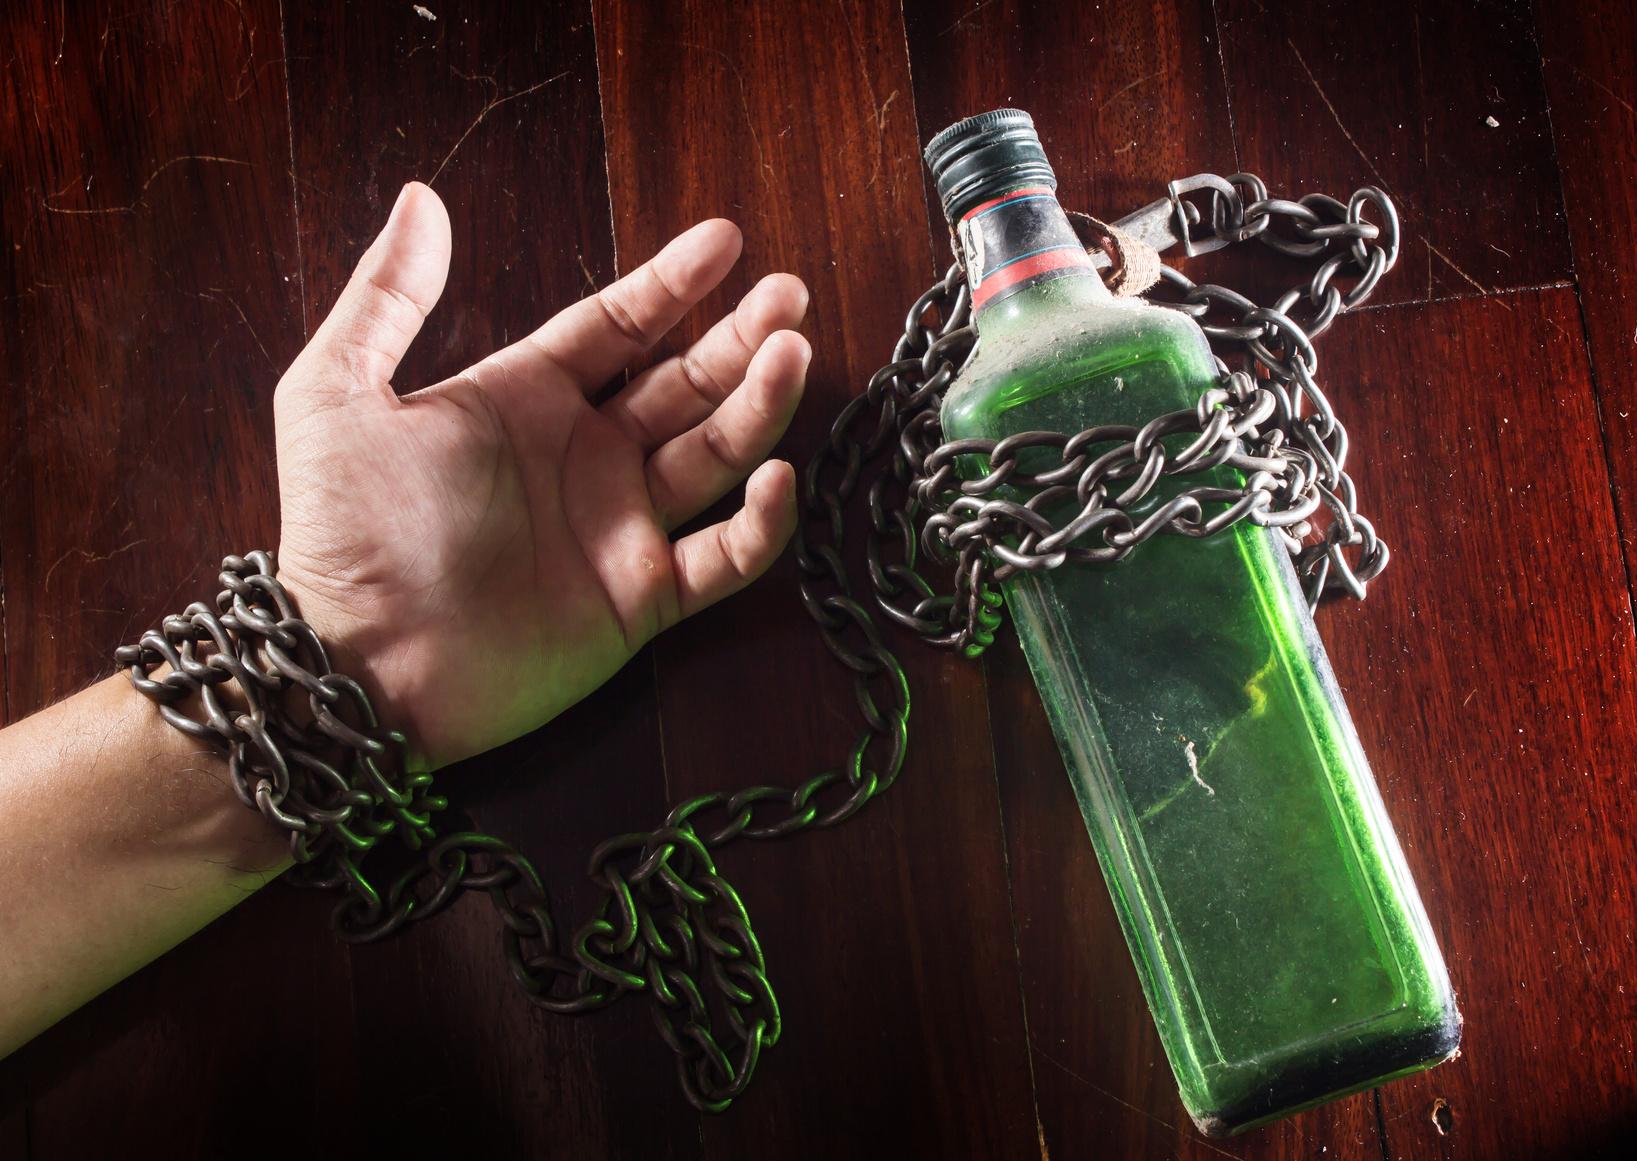 Se è possibile smettere di bere una volta per tutte